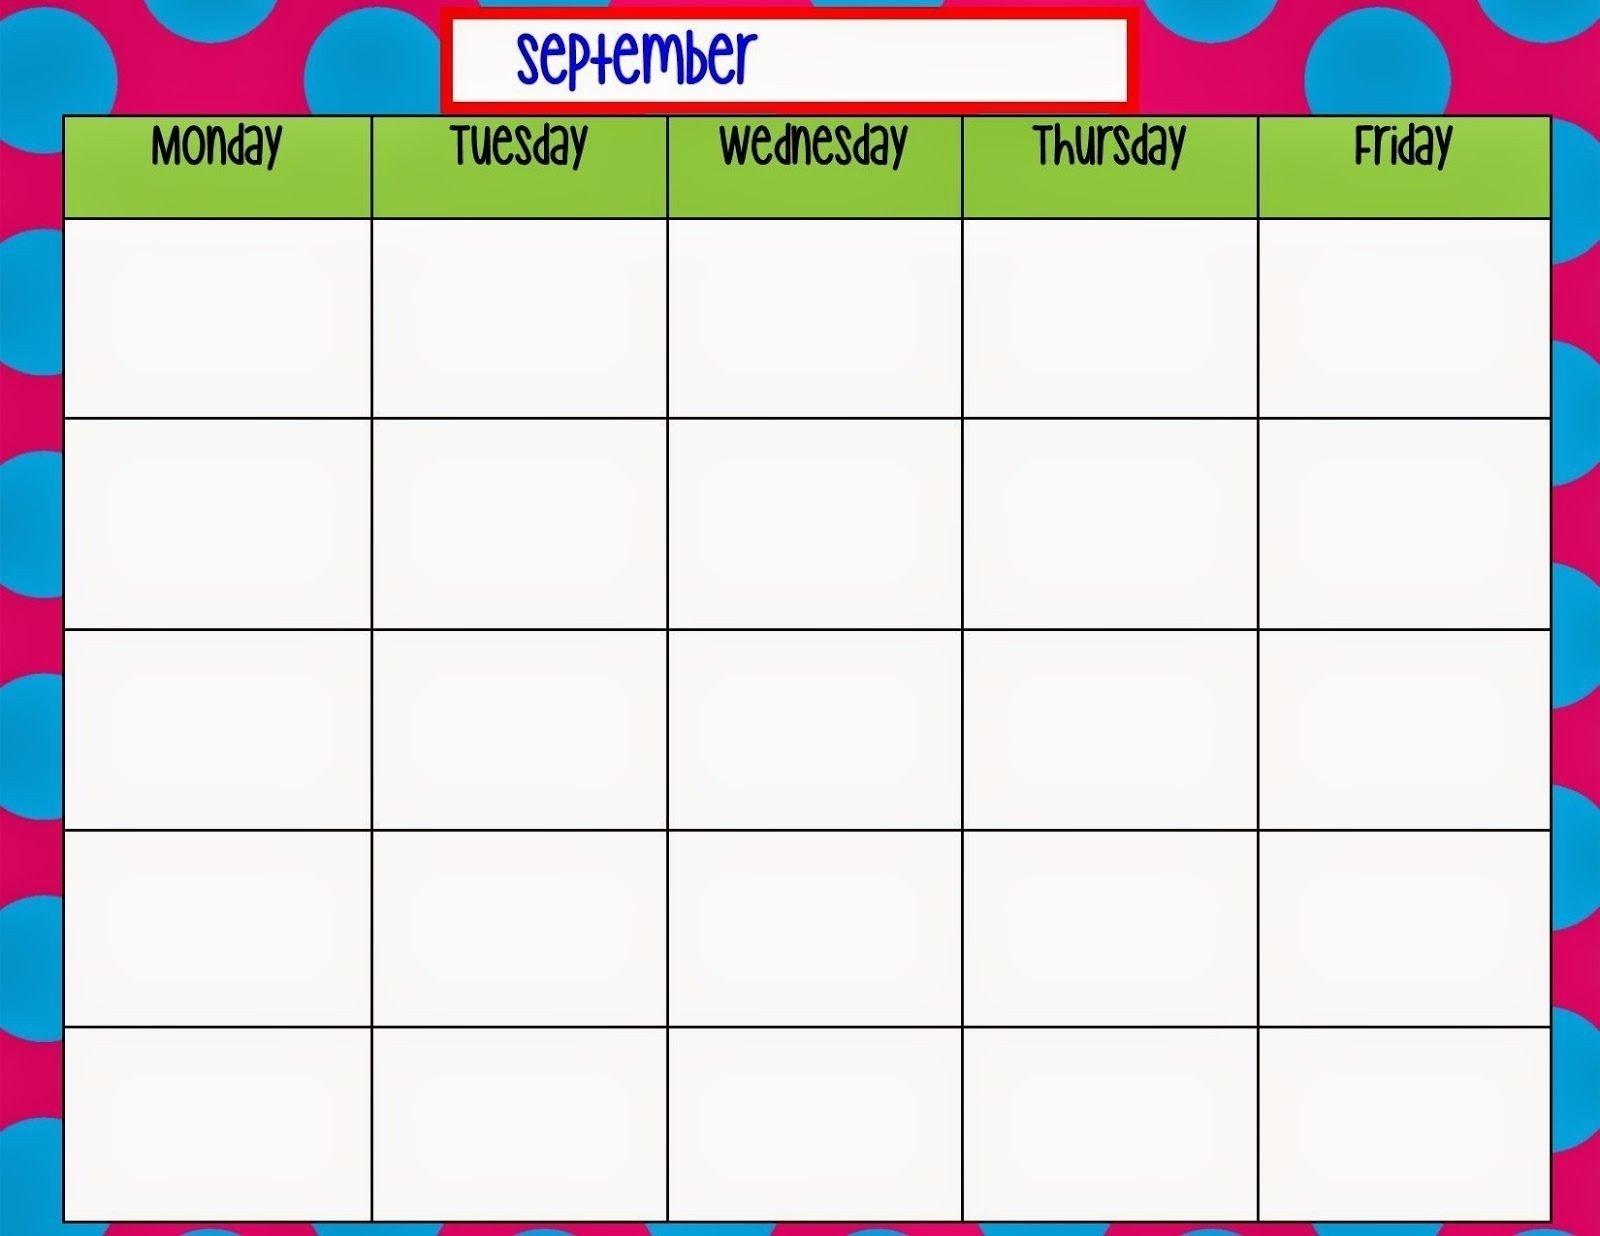 Printable Weekly Calendar Monday Through Friday | Ten Free Weekly Calendar Monday - Friday